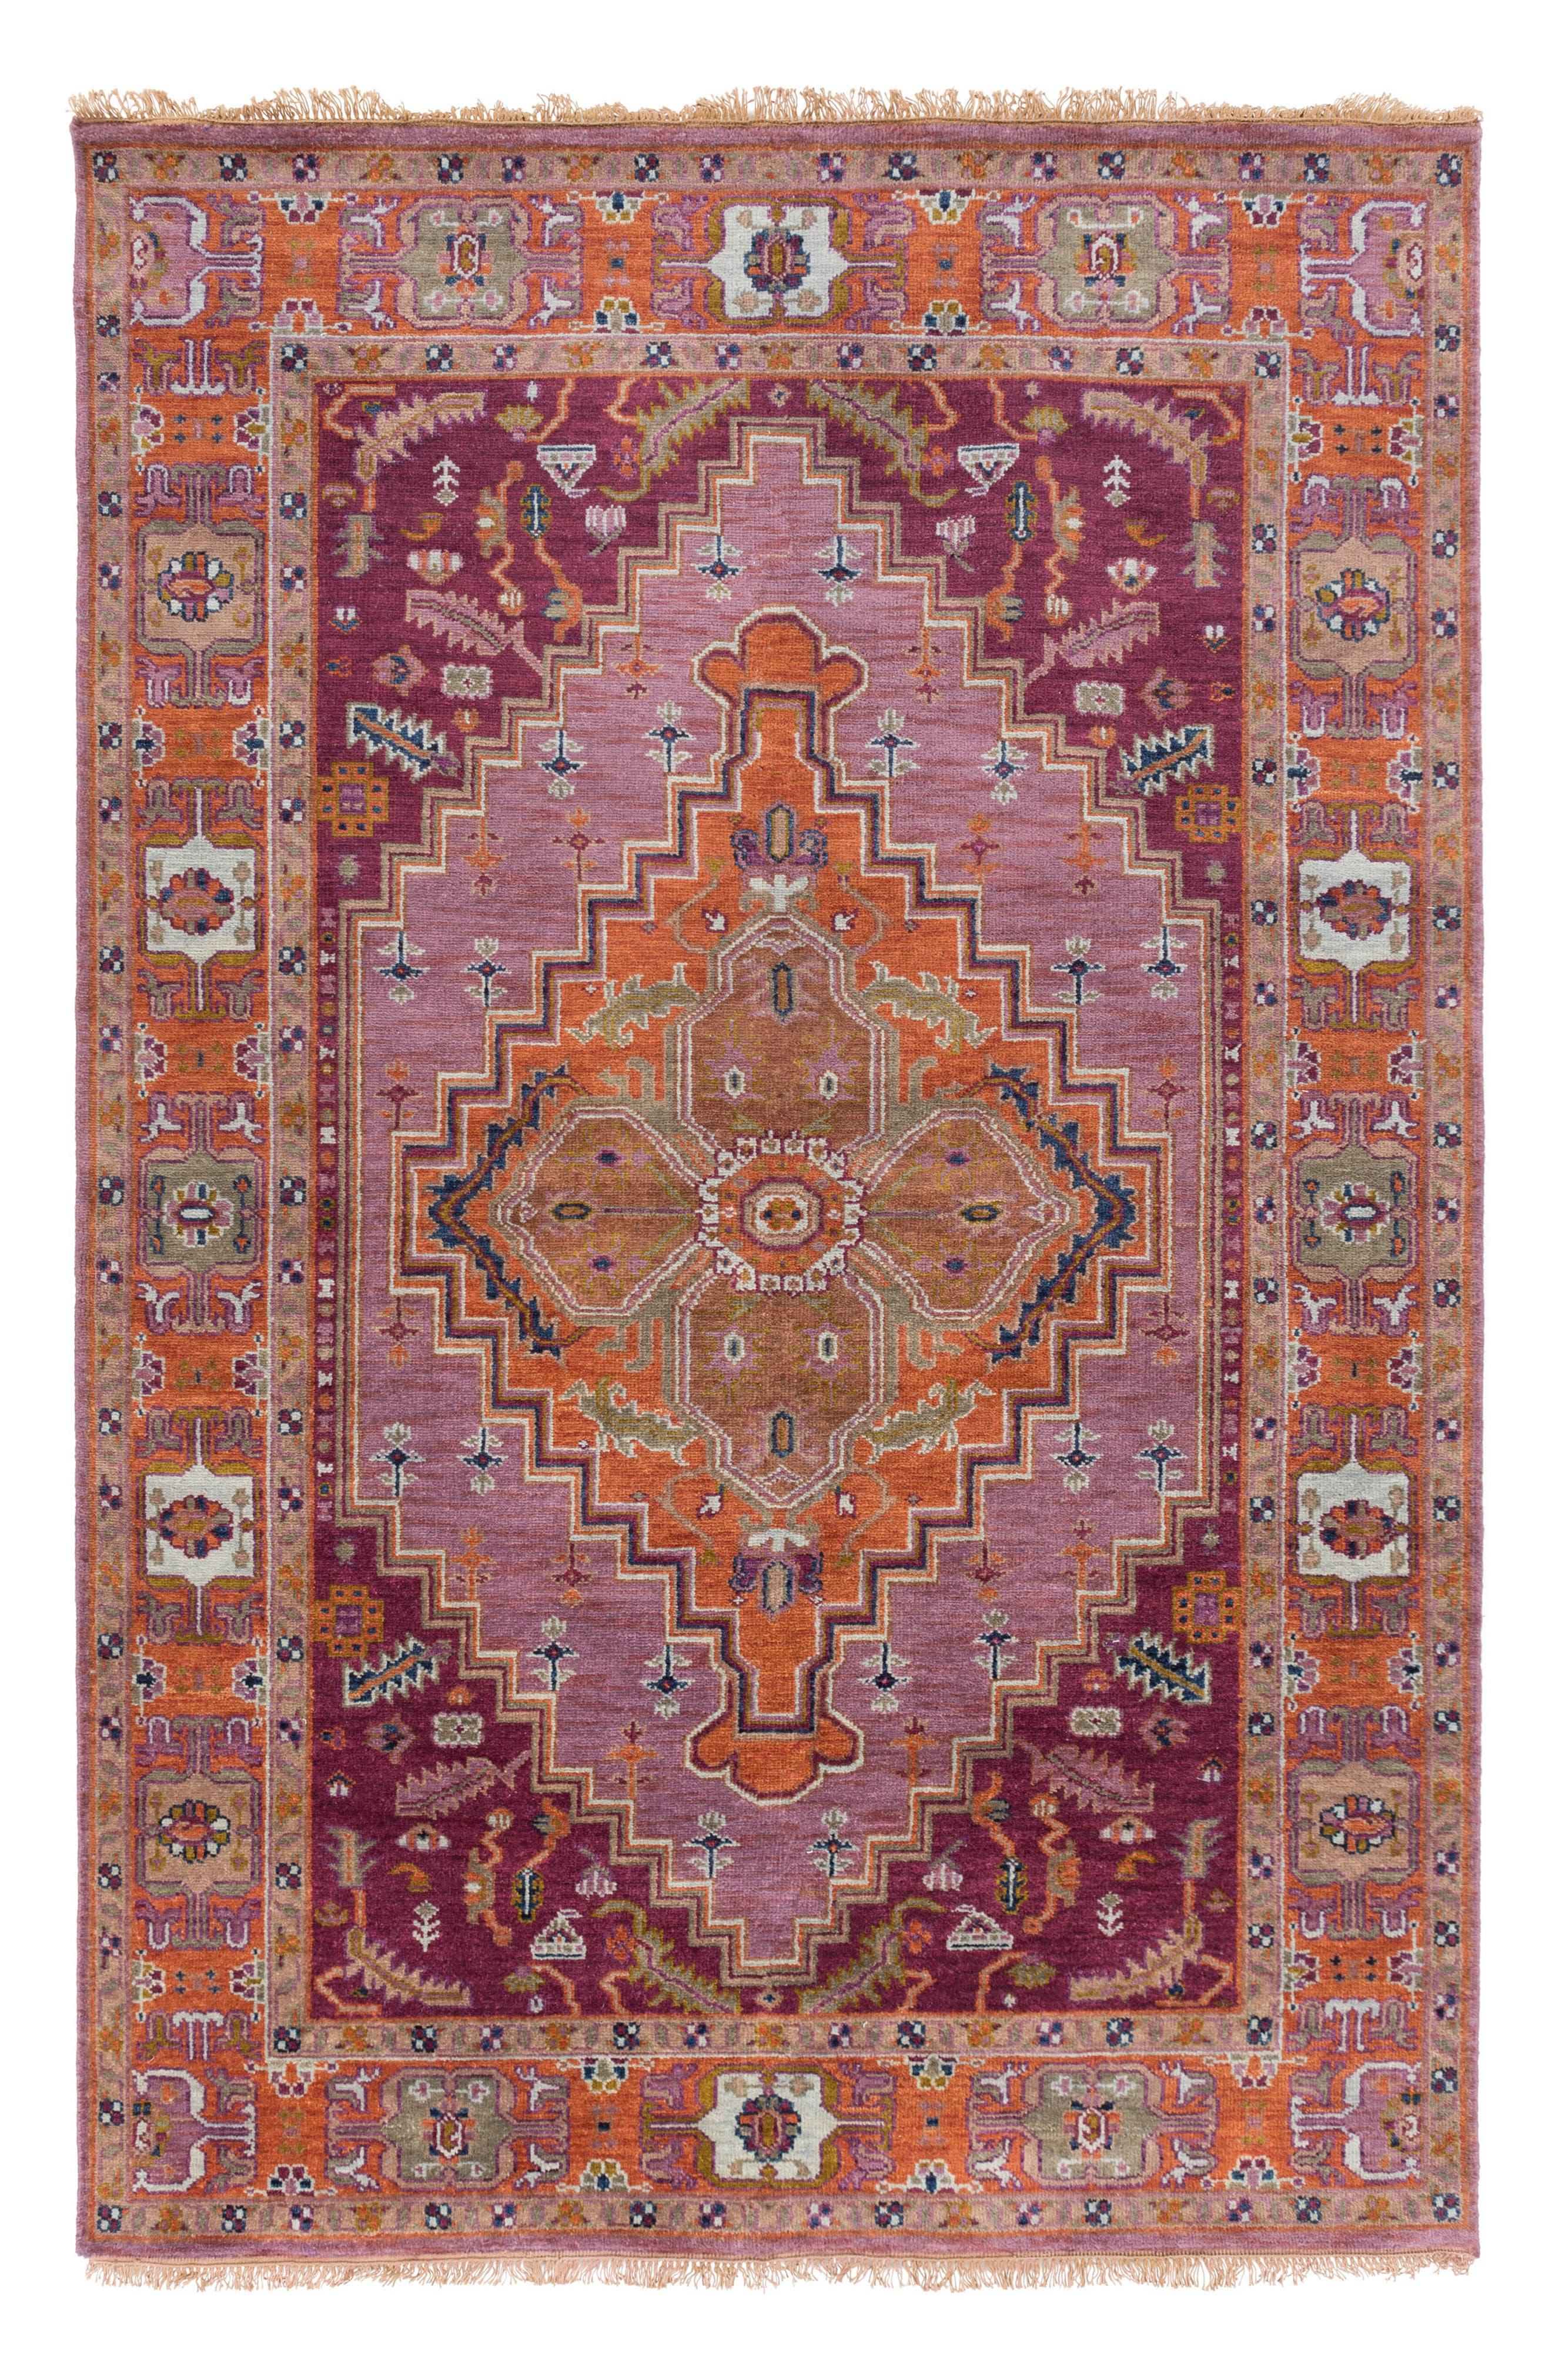 Surya Home Zeus Global Wool Rug